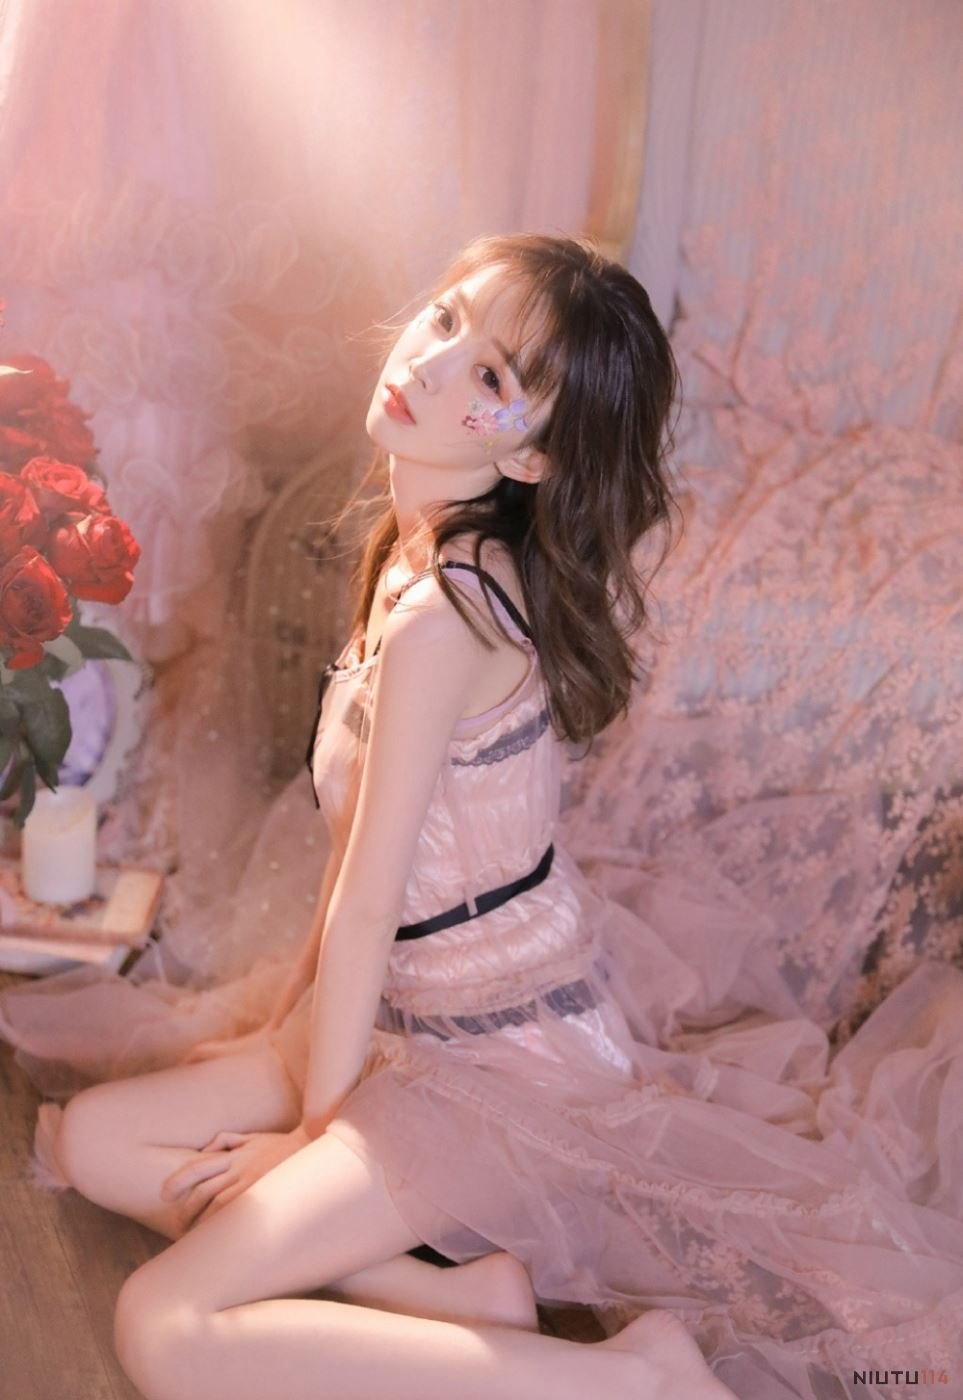 火辣身材粉红蕾丝美女模特性感美女图片唯美写真